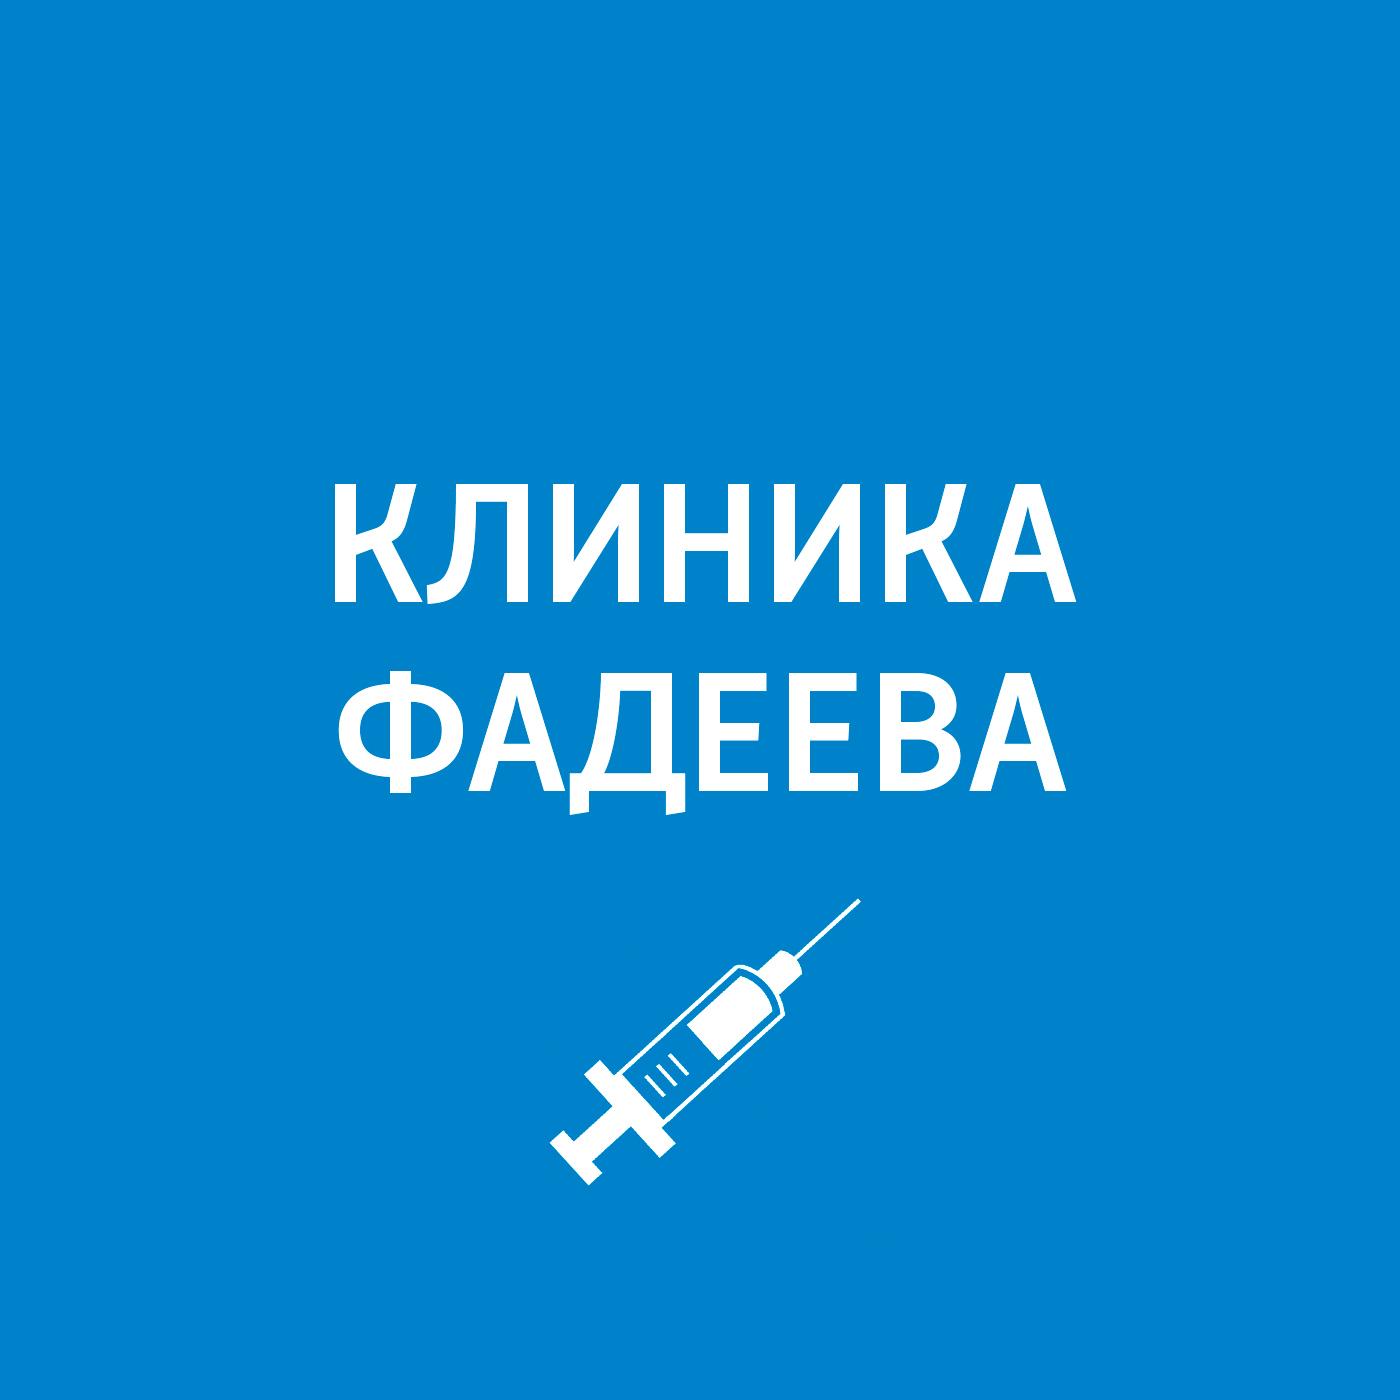 Пётр Фадеев Прием ведет врач-дерматолог. Псориаз шампунь псориаз